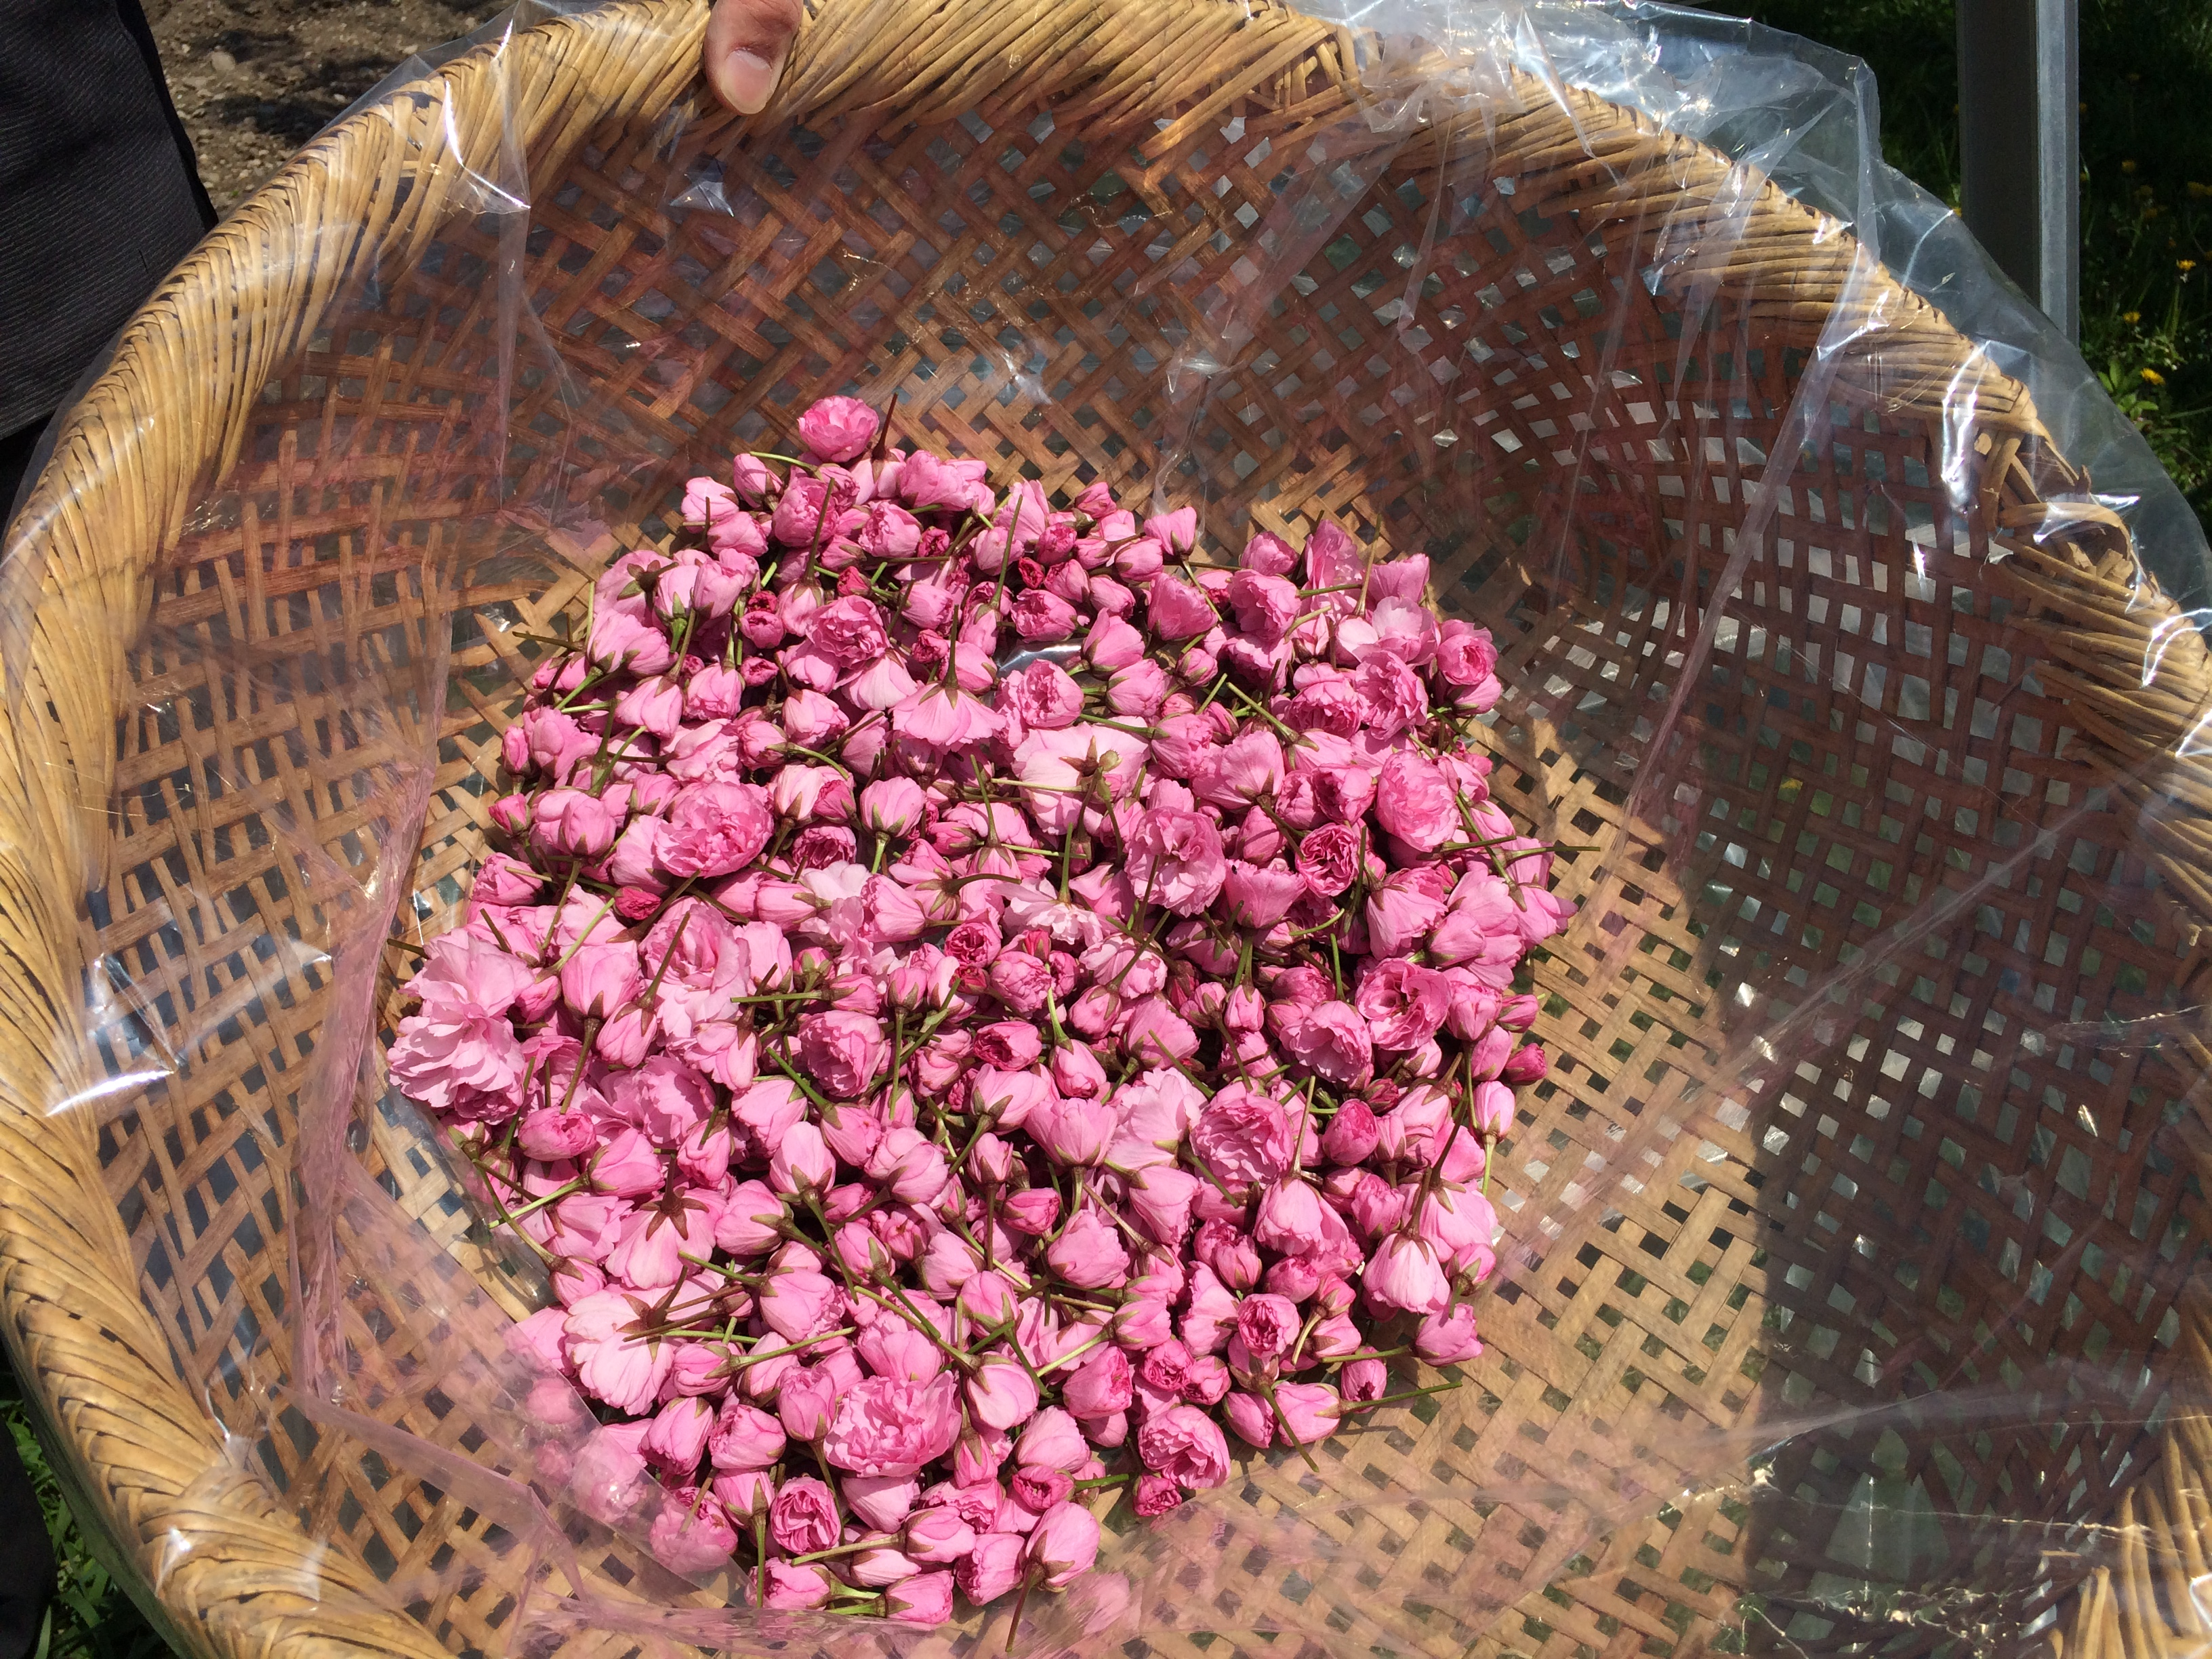 八重桜の花びらの塩漬け